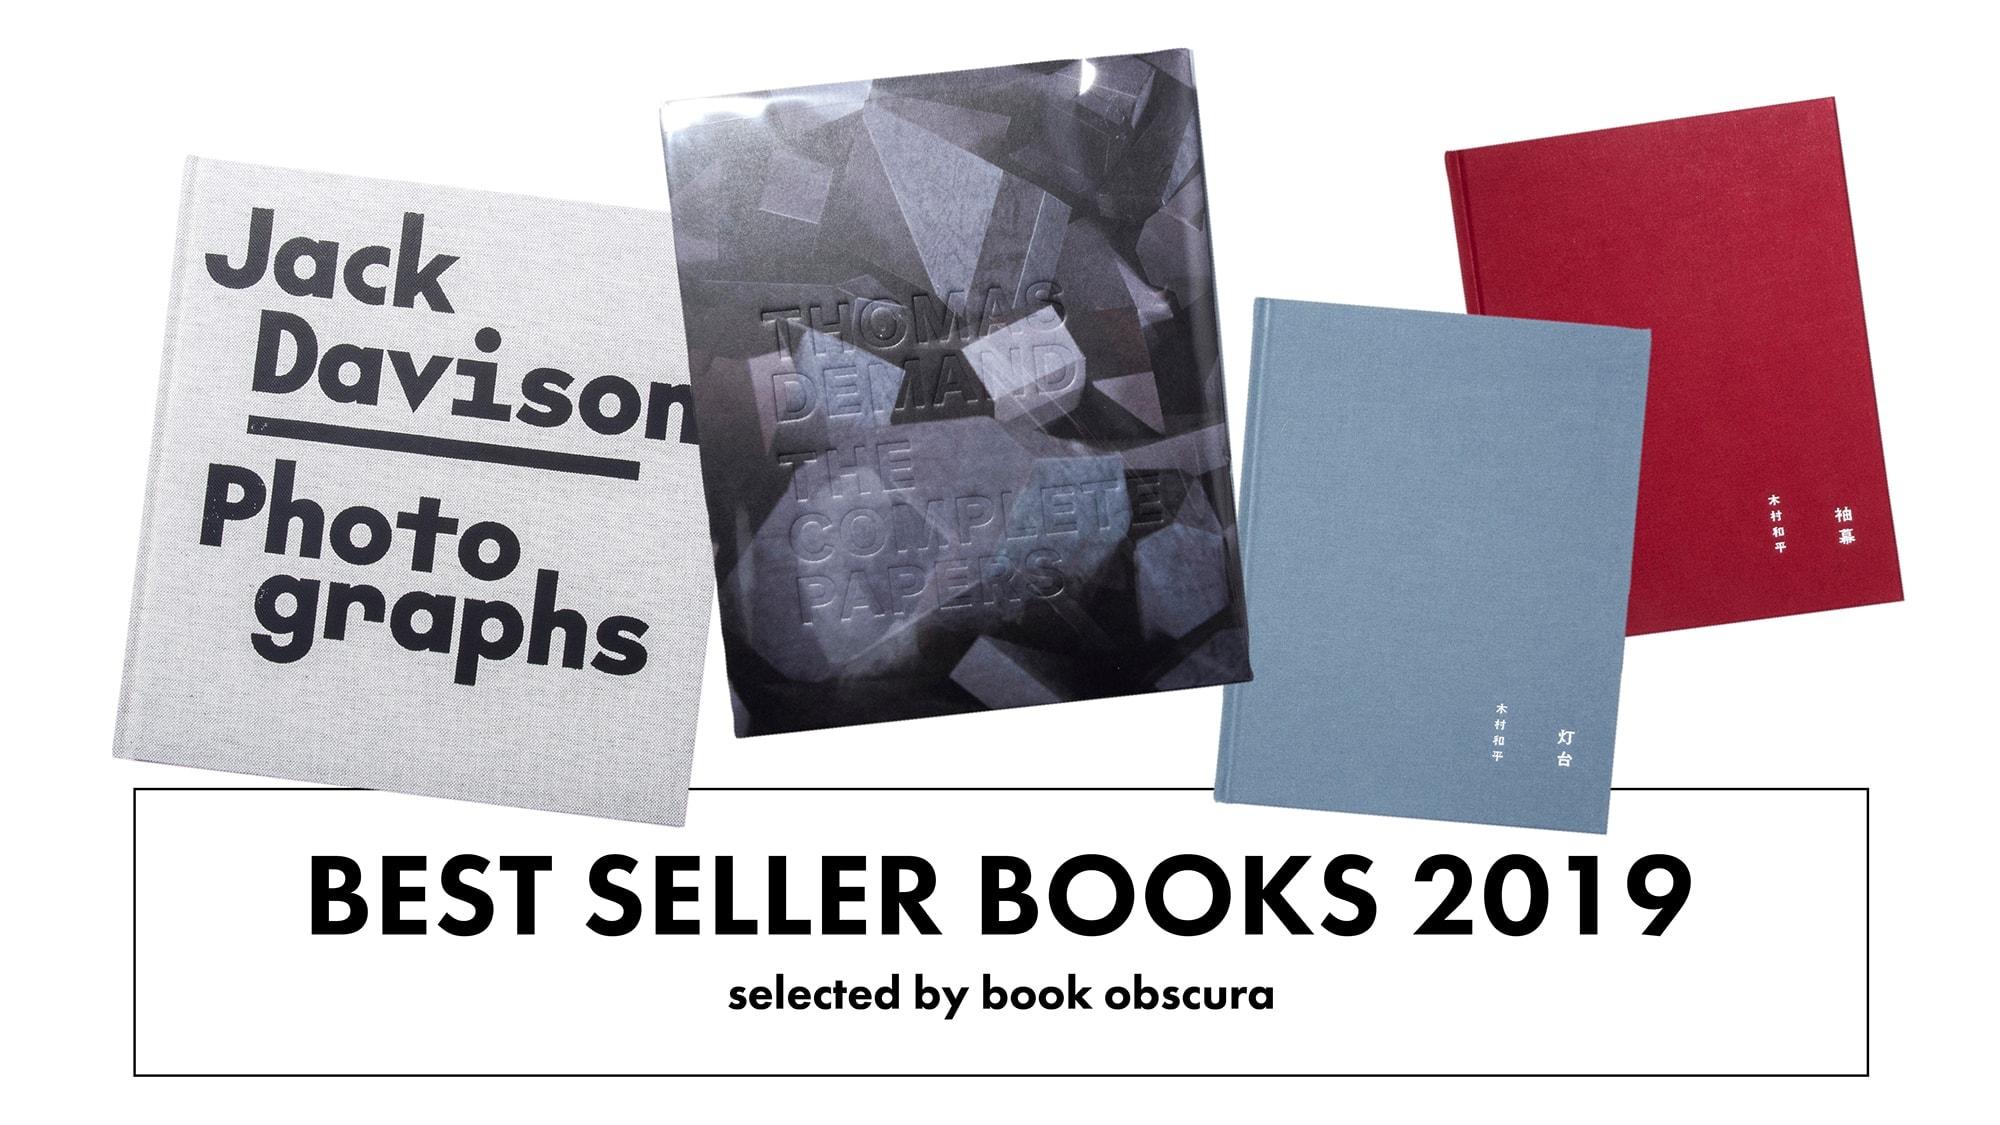 2019年のベストセラー写真集3冊【book obscura編】 | 2019年のベストセラー写真集3冊【book obscura編】